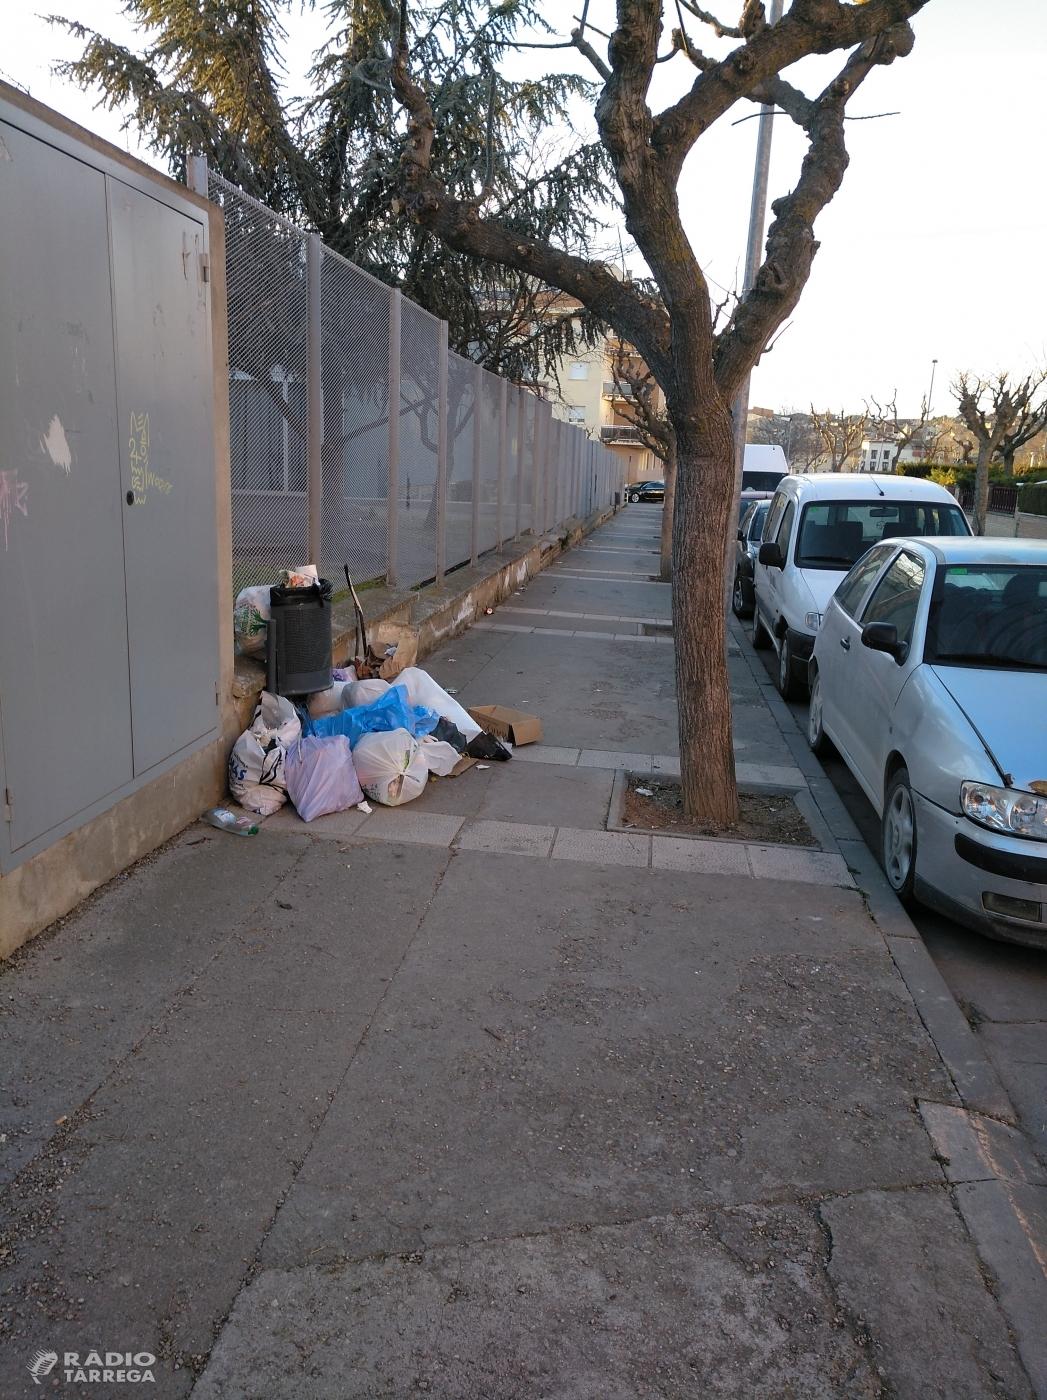 Alguns veïns del barri de la Plana de Tàrrega protesten per la nova ubicació dels contenidors d'escombraries deixant la brossa al terra